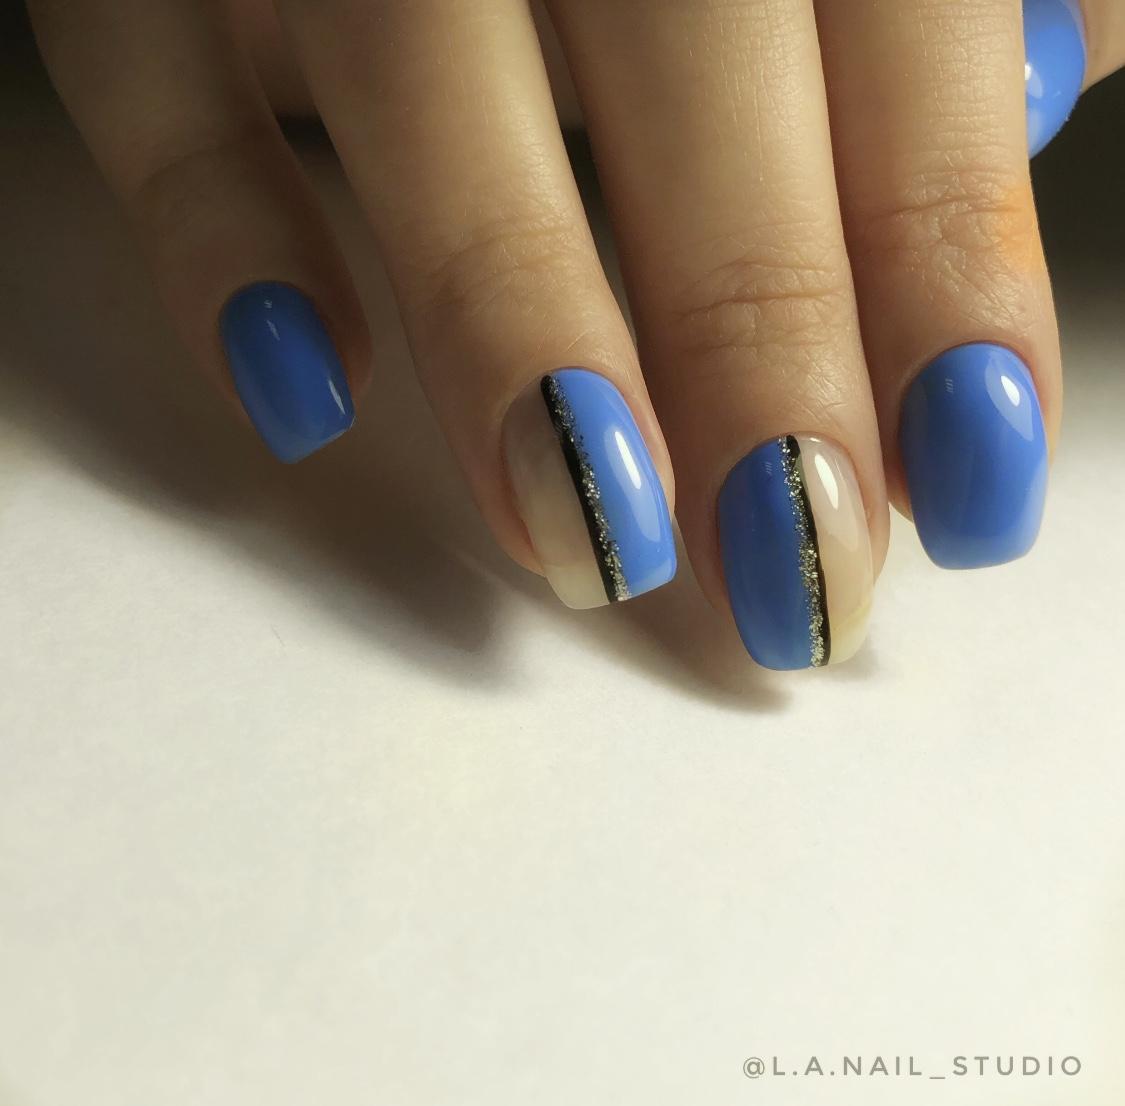 Маникюр в голубом цвете с нюдовым прозрачным дизайном, чёрными и золотыми полосками.